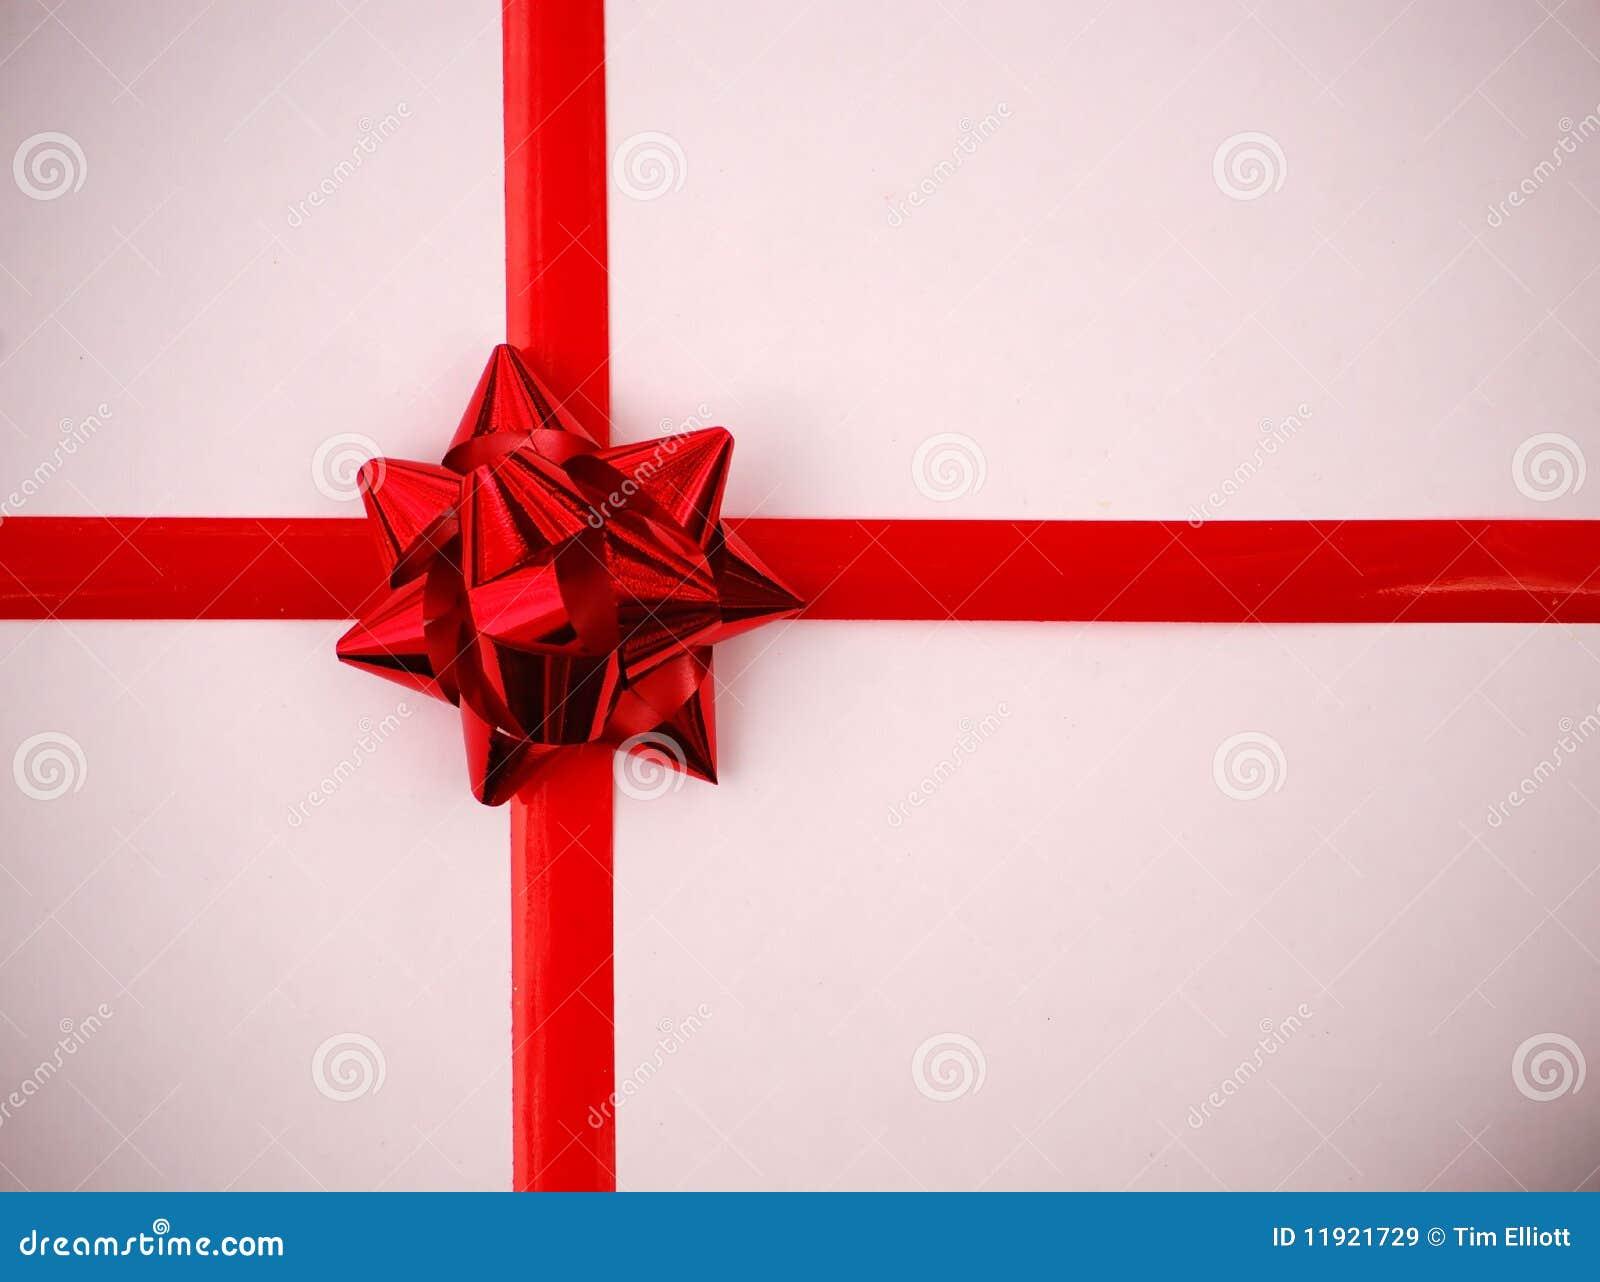 weihnachtsgeschenk verpackung lizenzfreie stockbilder. Black Bedroom Furniture Sets. Home Design Ideas